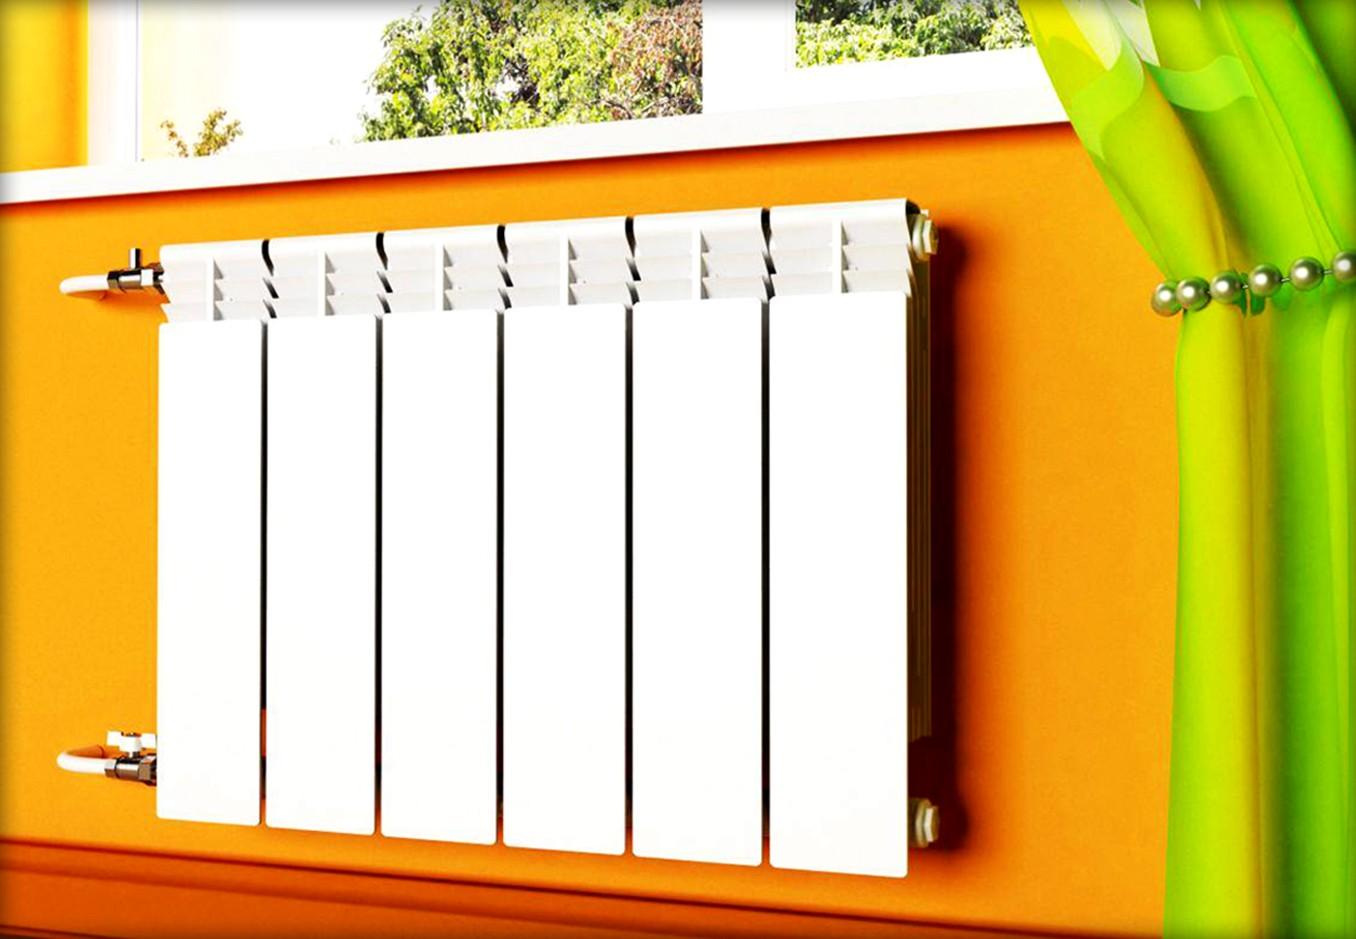 Почему батареи размещают именно под окном?